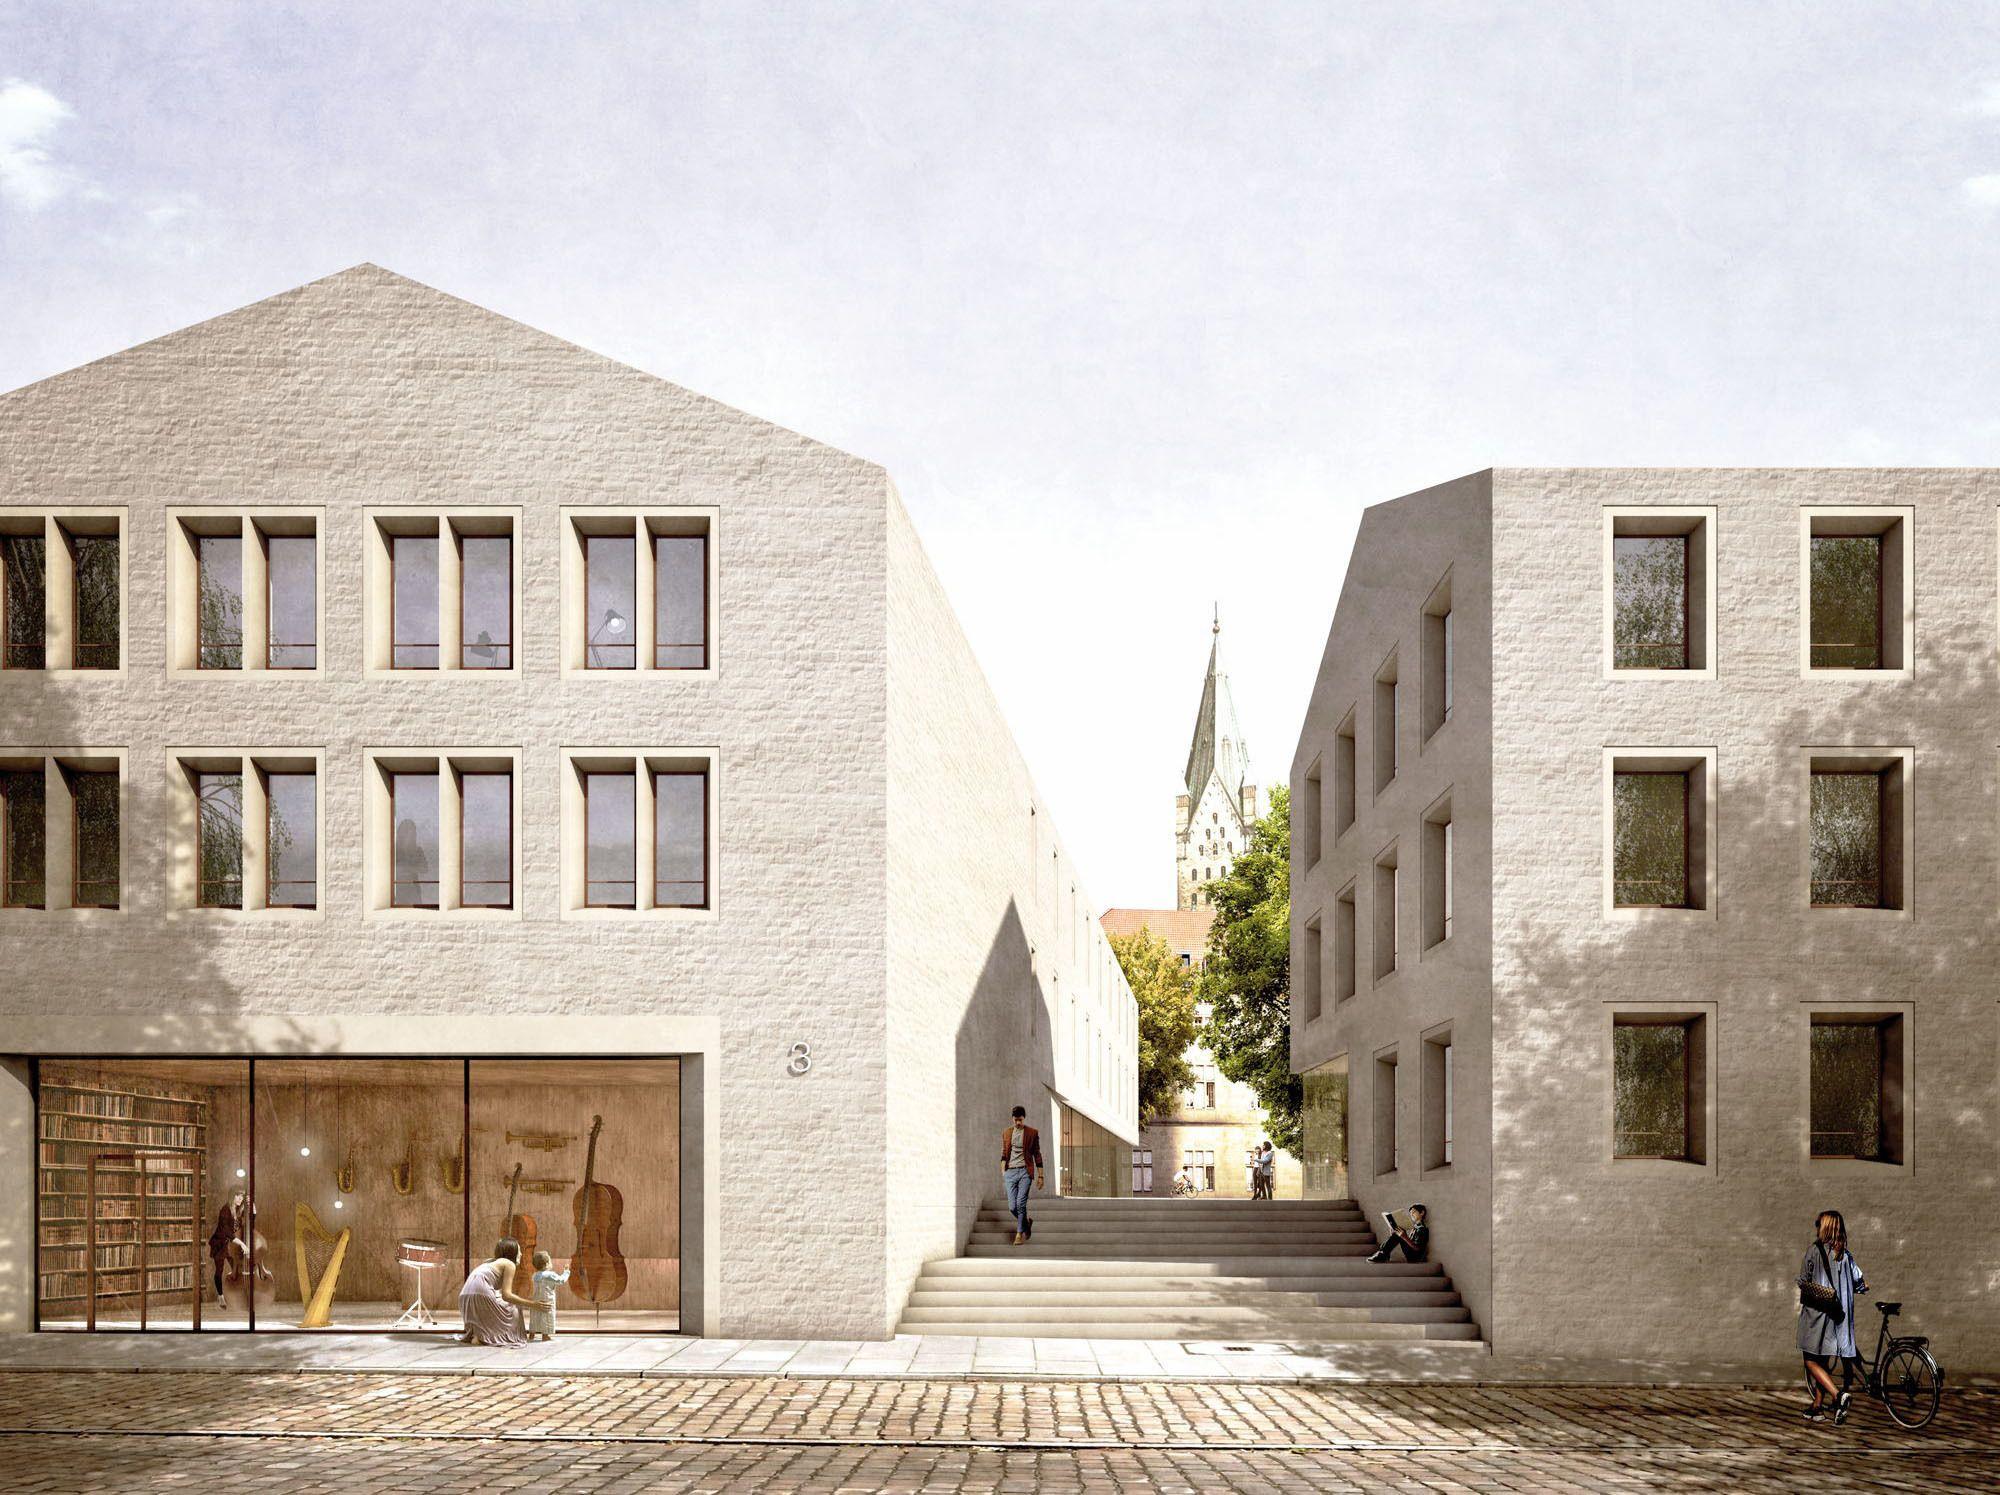 Architektur Paderborn domblick staab architekten gewinnen in paderborn architecture